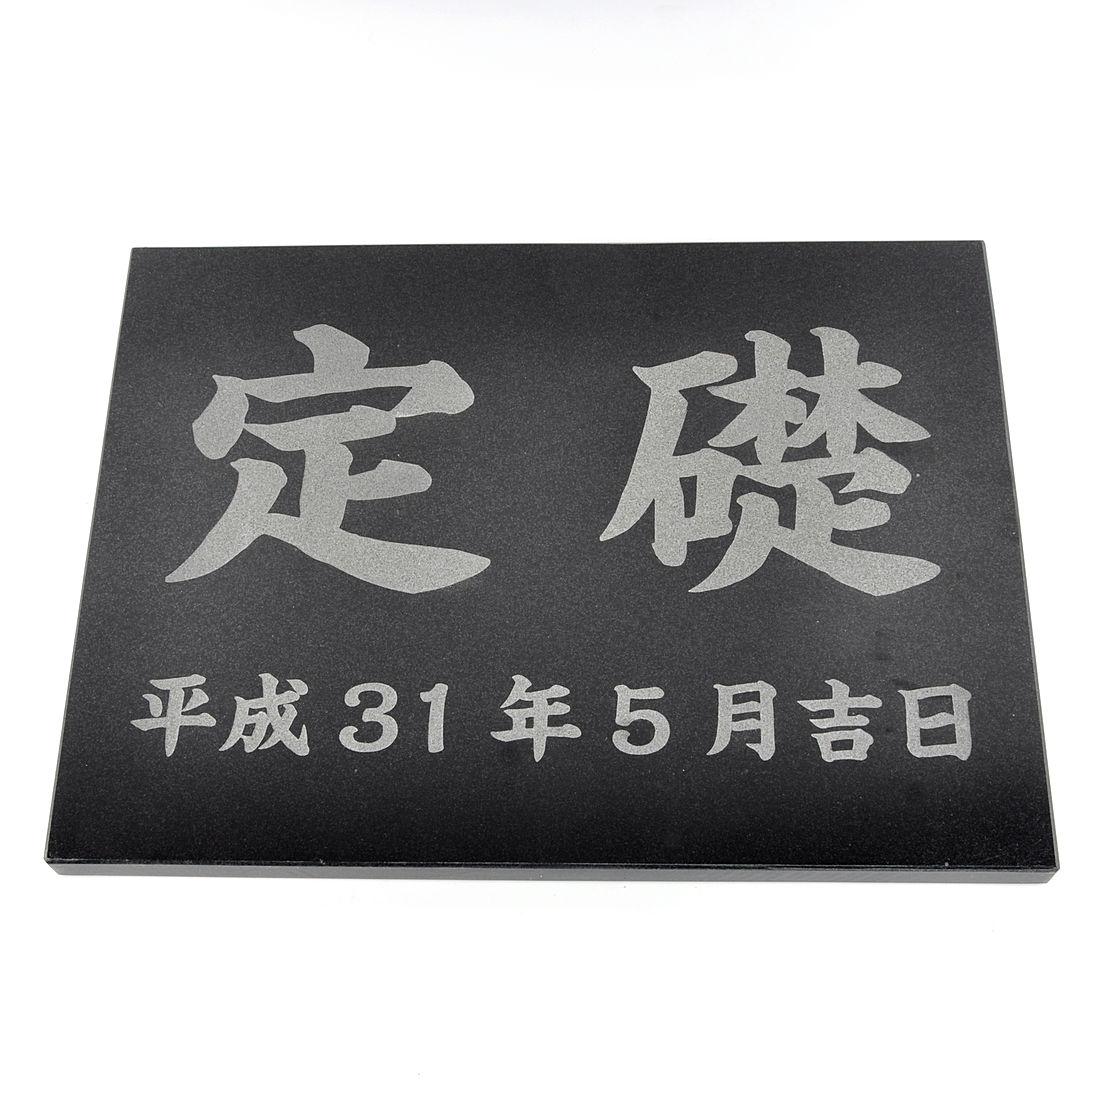 表札のアトリエ 天然石 定礎 御影石 ブラック プレーン 400x300 (厚さ20mm)  【HLS_DU】【楽ギフ_名入れ】 attr147attr ctgr1ctgr sml6sml+ctgr1ctgr noanml